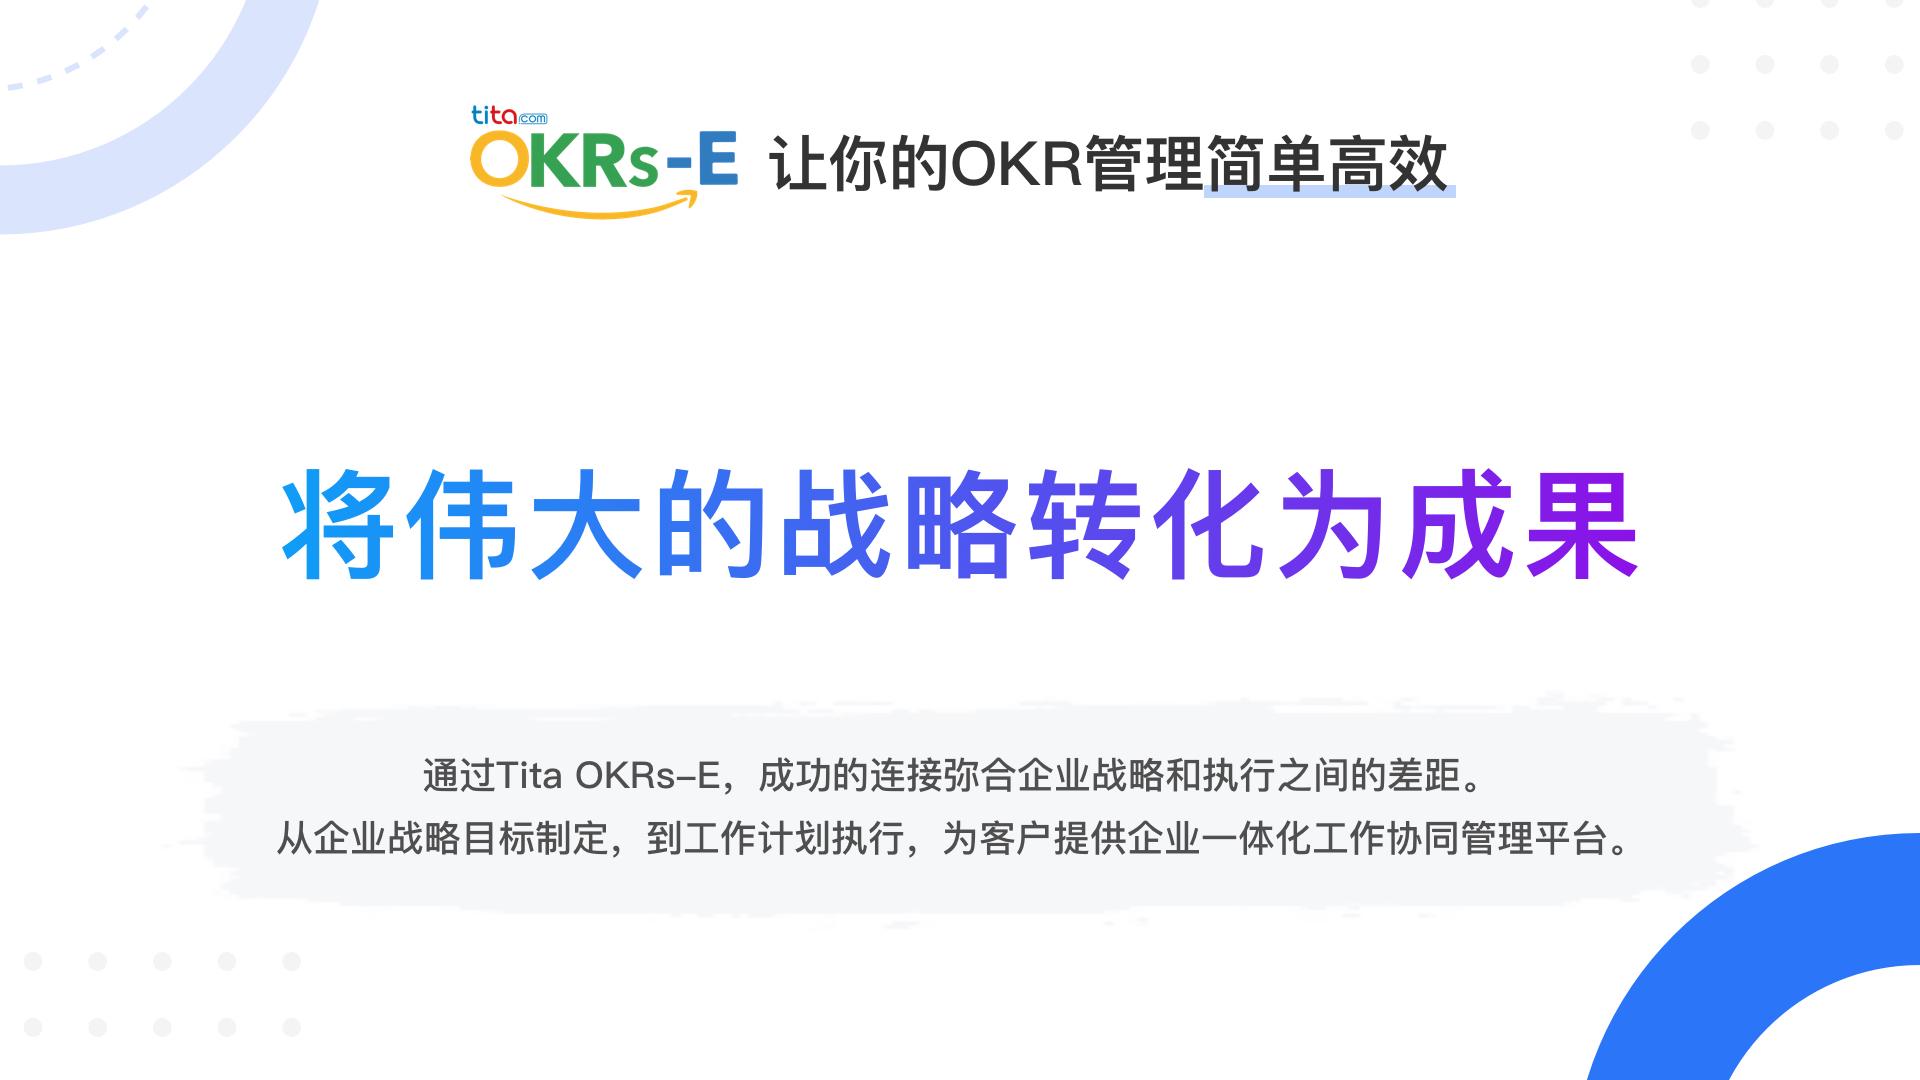 Tita 重磅推出 OKR 升级版 「 OKRs-E 」目标执行管理在线平台